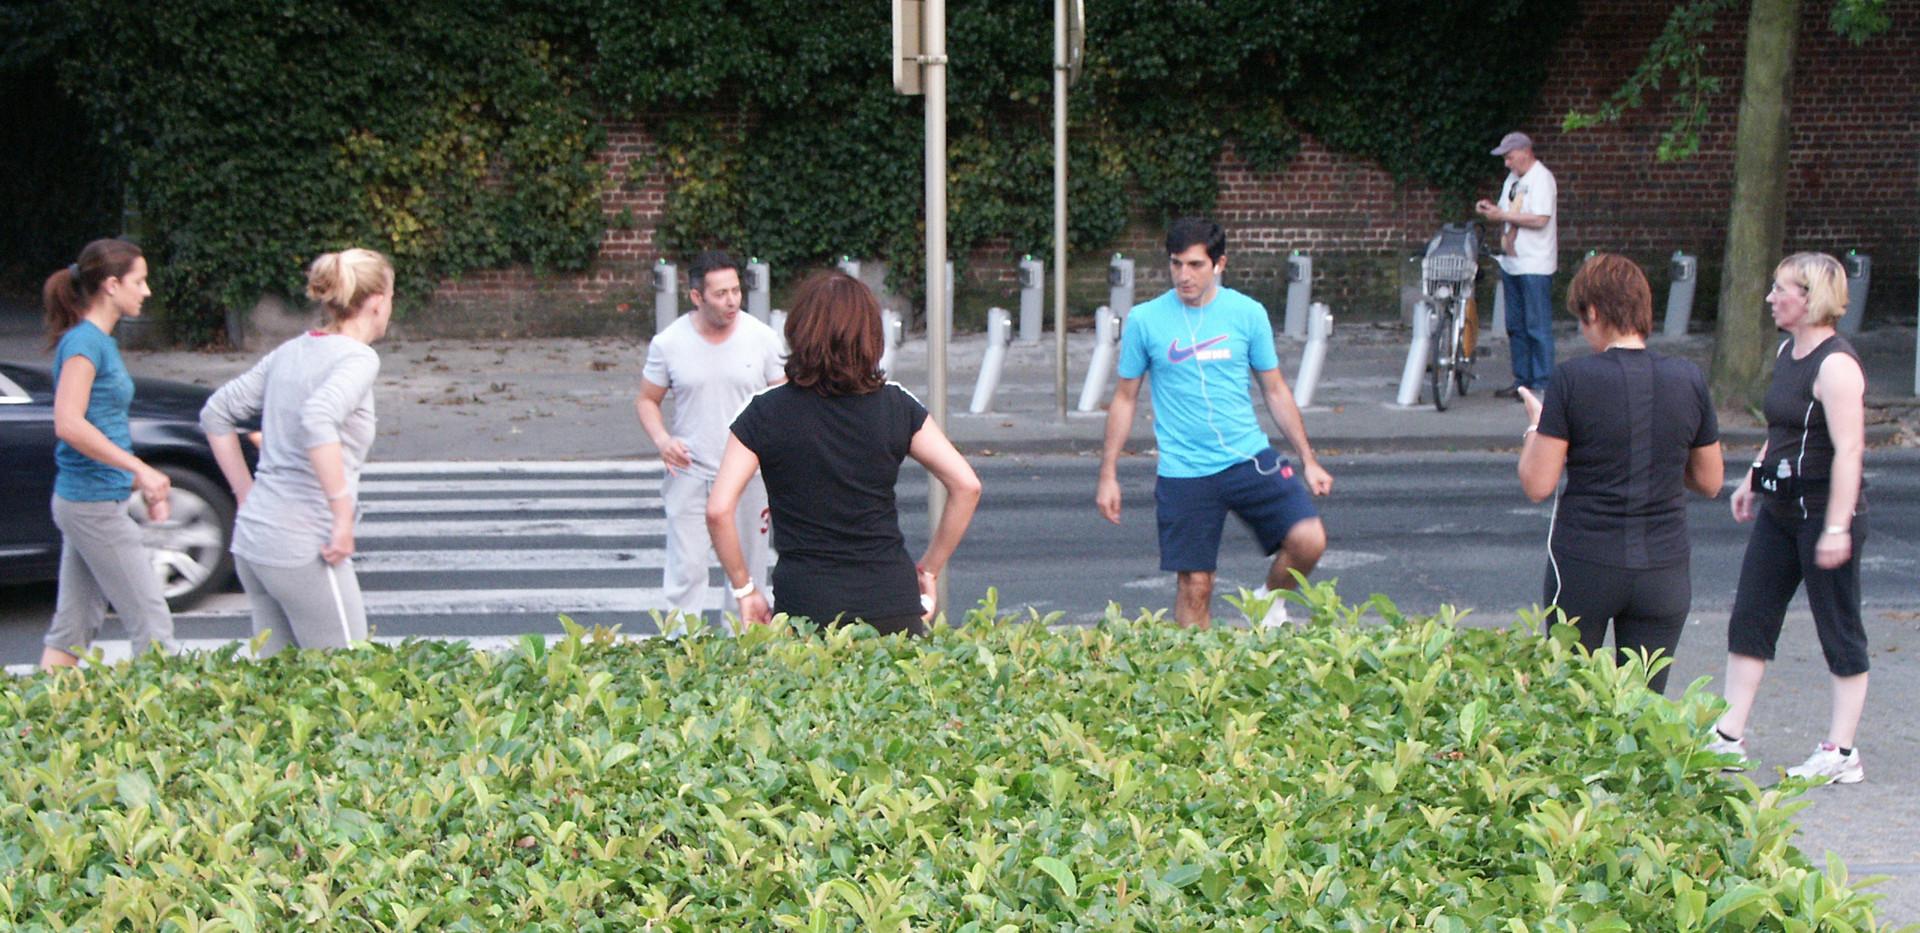 12 09 10 Jogging-16.JPG